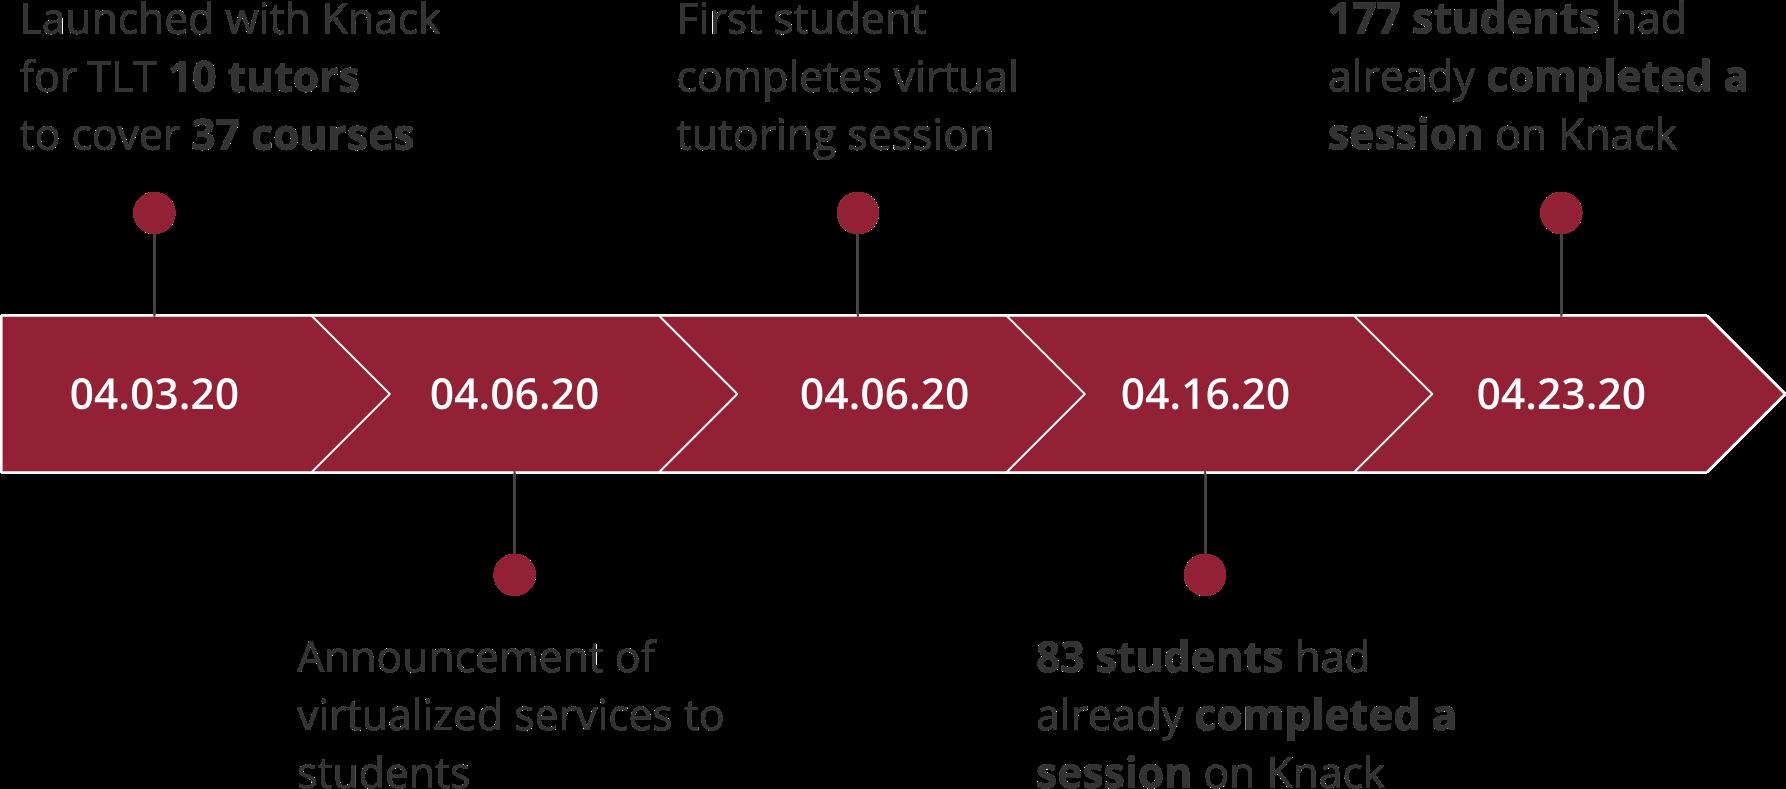 Chapman University Case Study Timeline